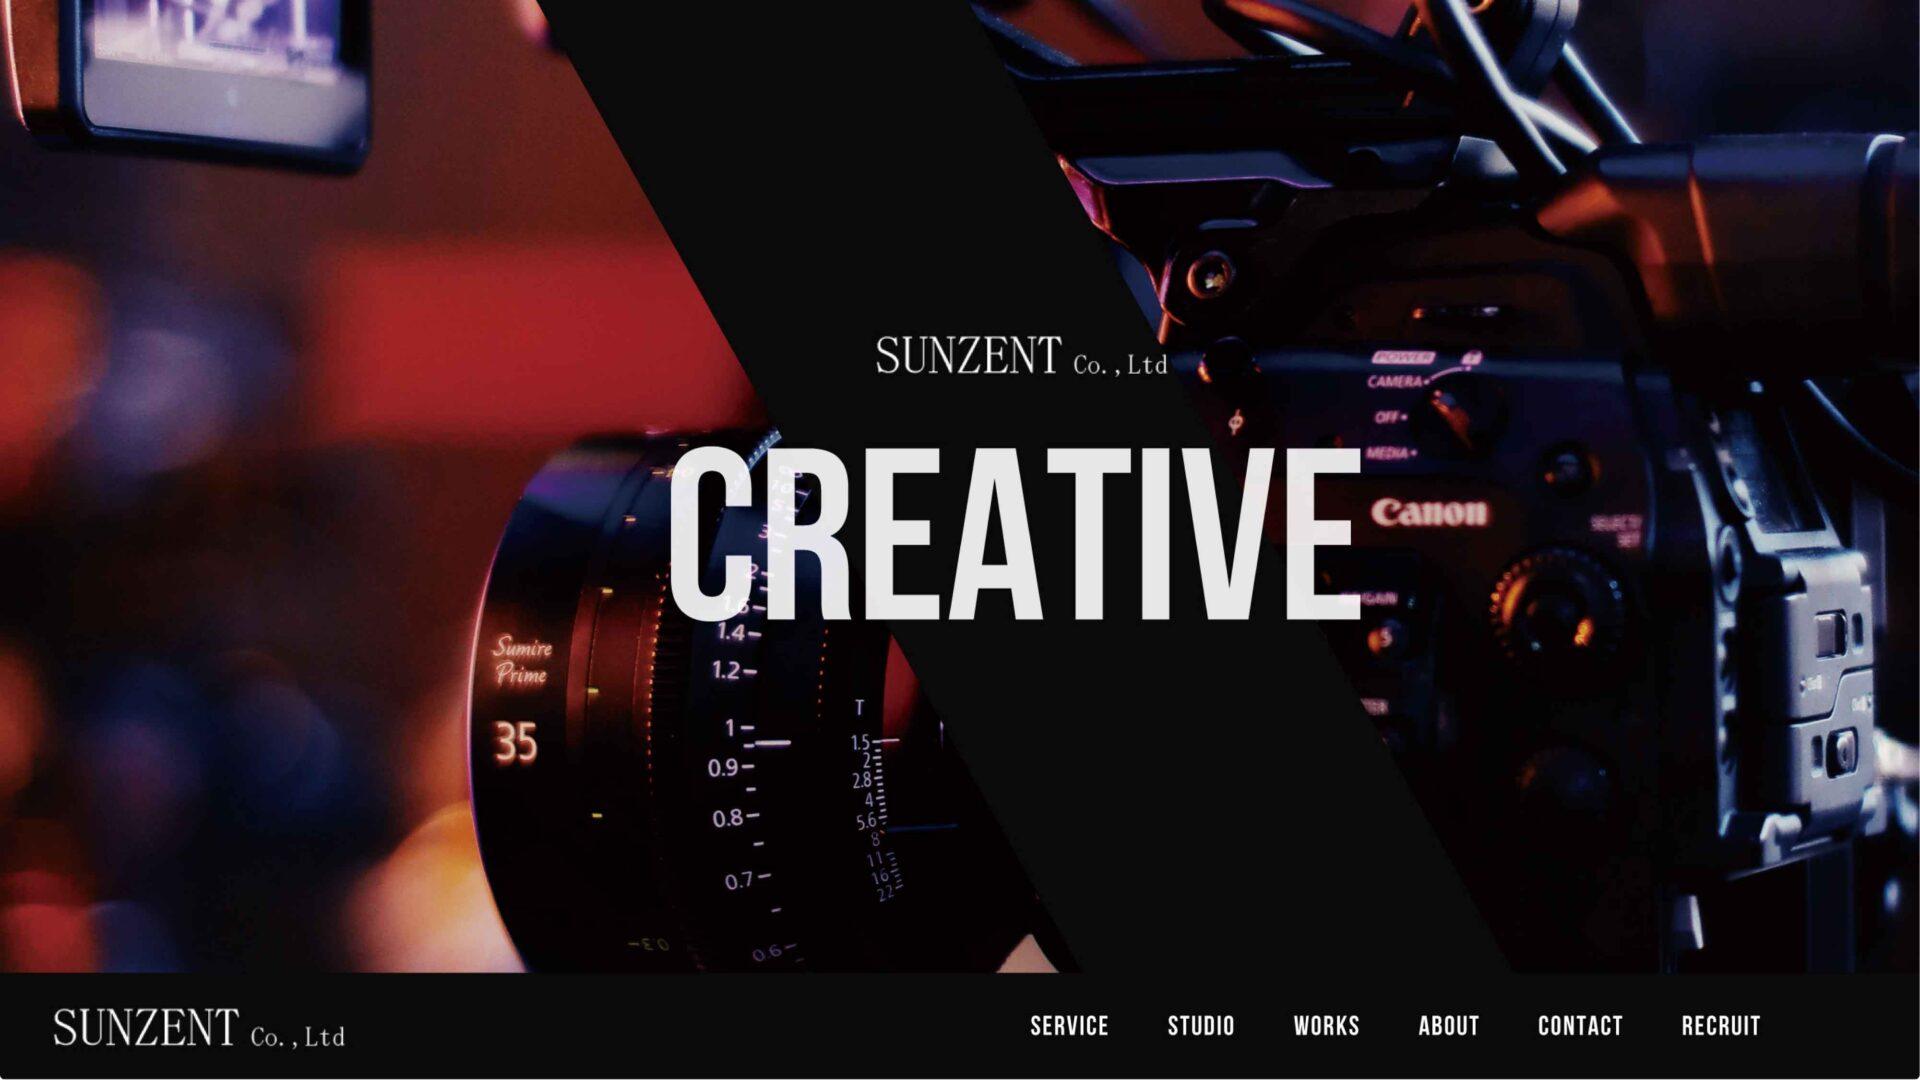 「SUNZENT」のサムネイル画像